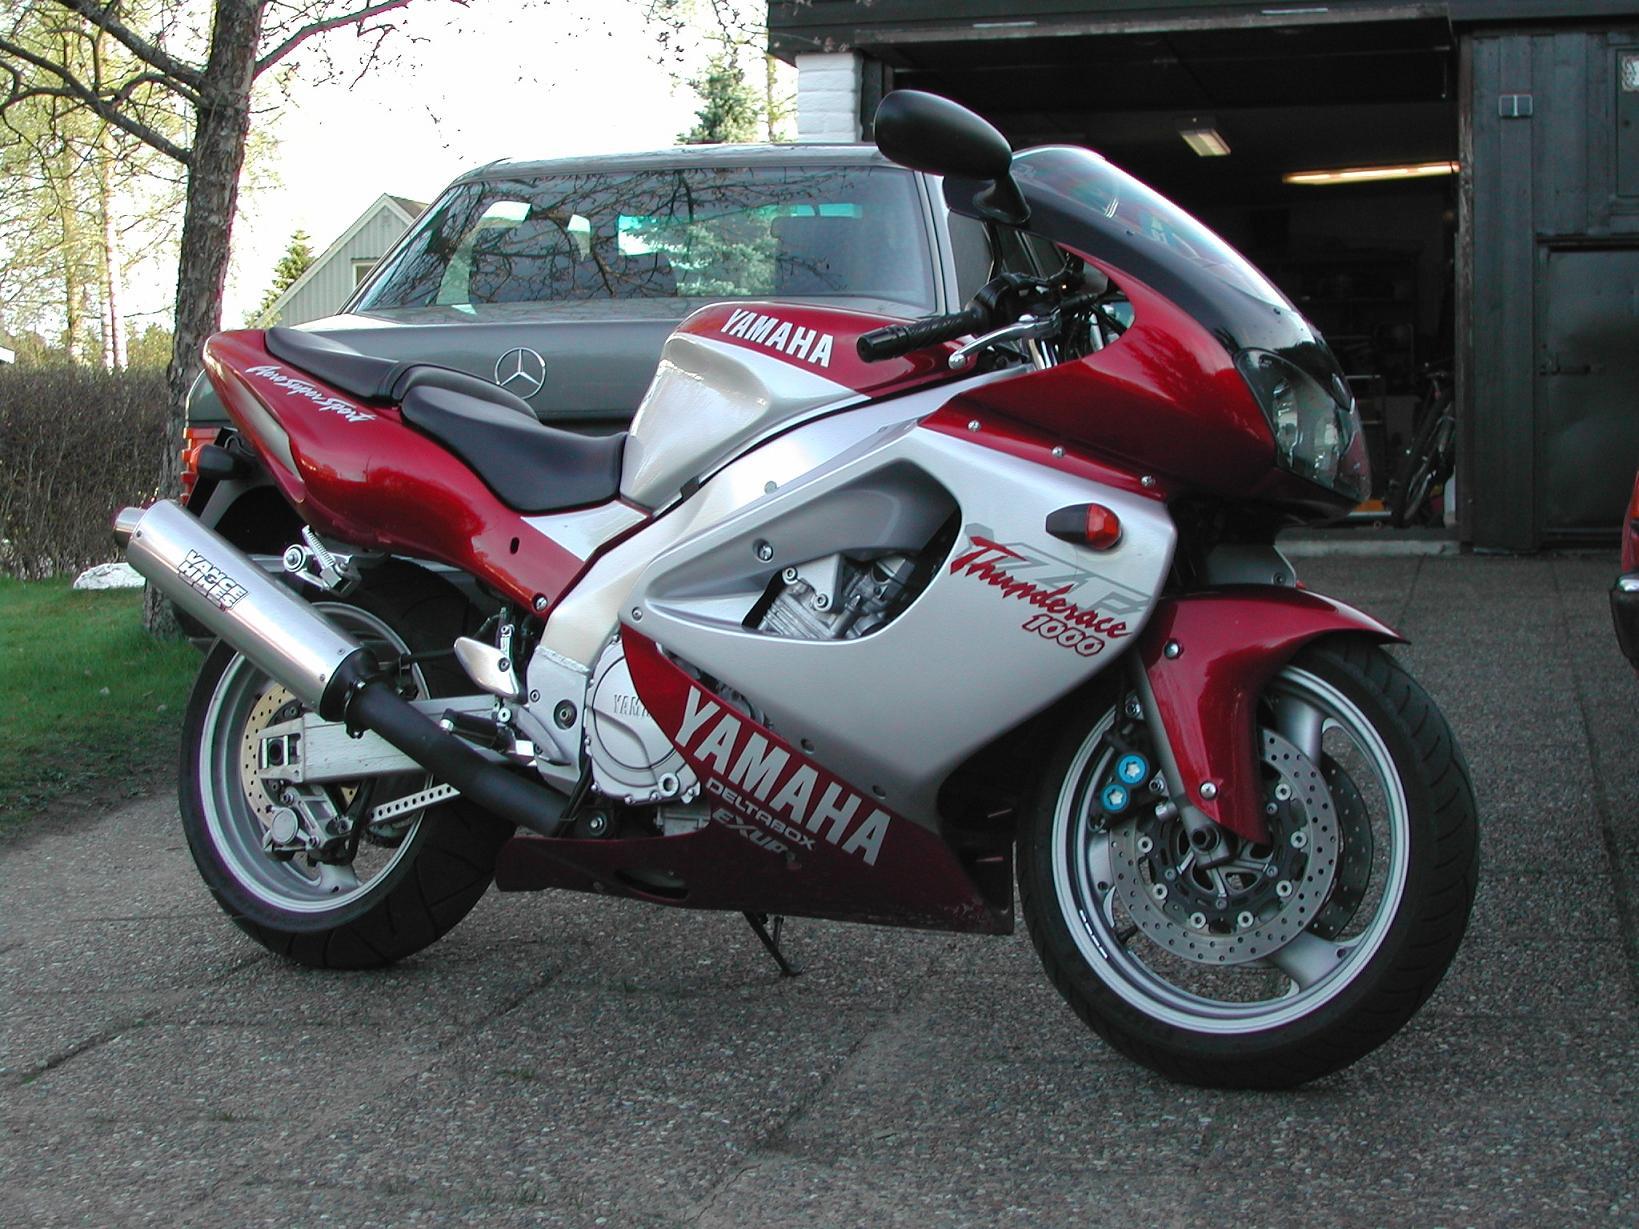 Yamaha Yzf1000r Thunderace Photos Photogallery With 6